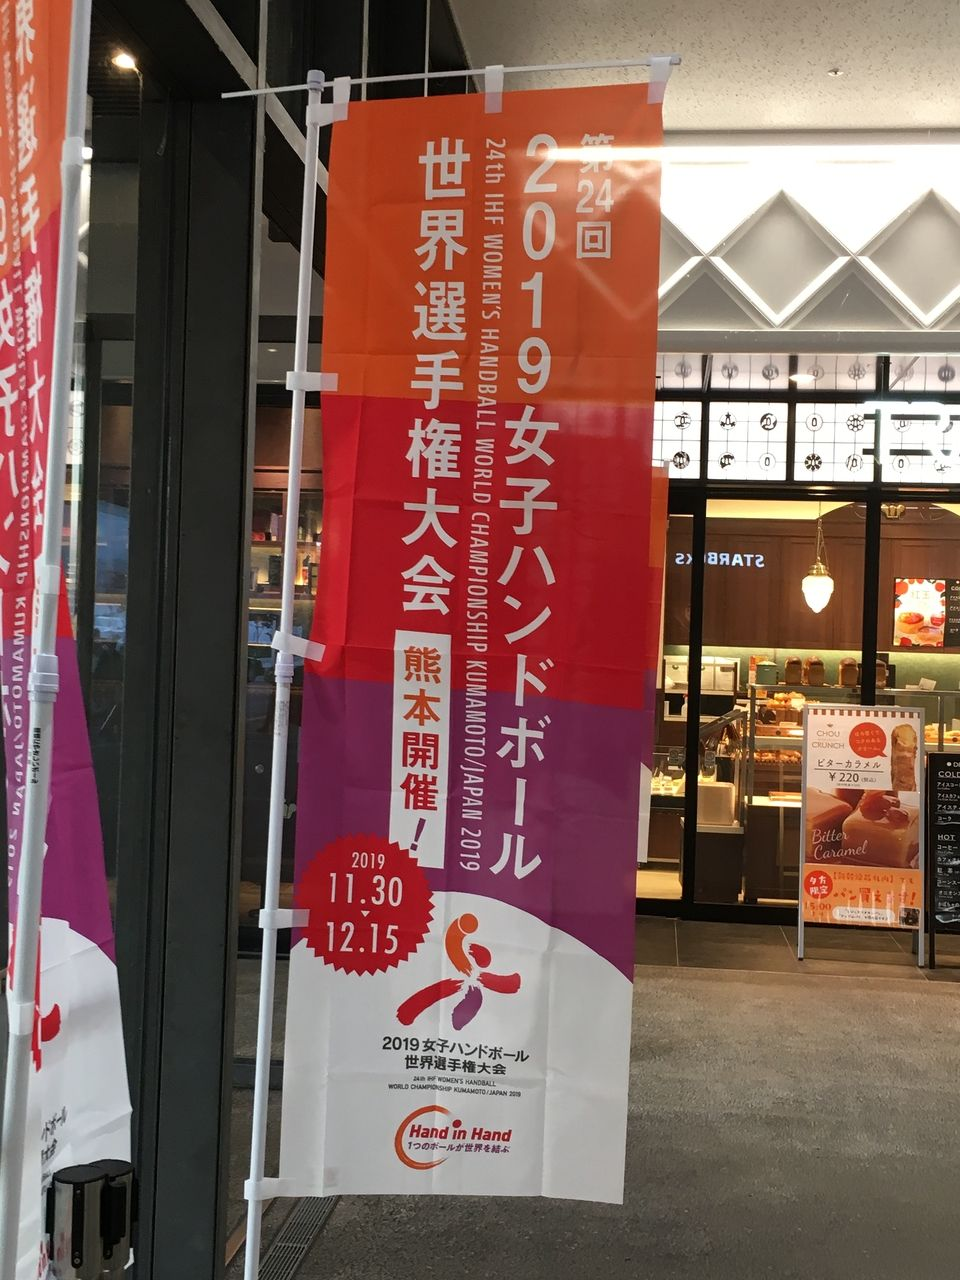 熊本駅にたてられている女子ハンドボール世界大会ののぼり旗